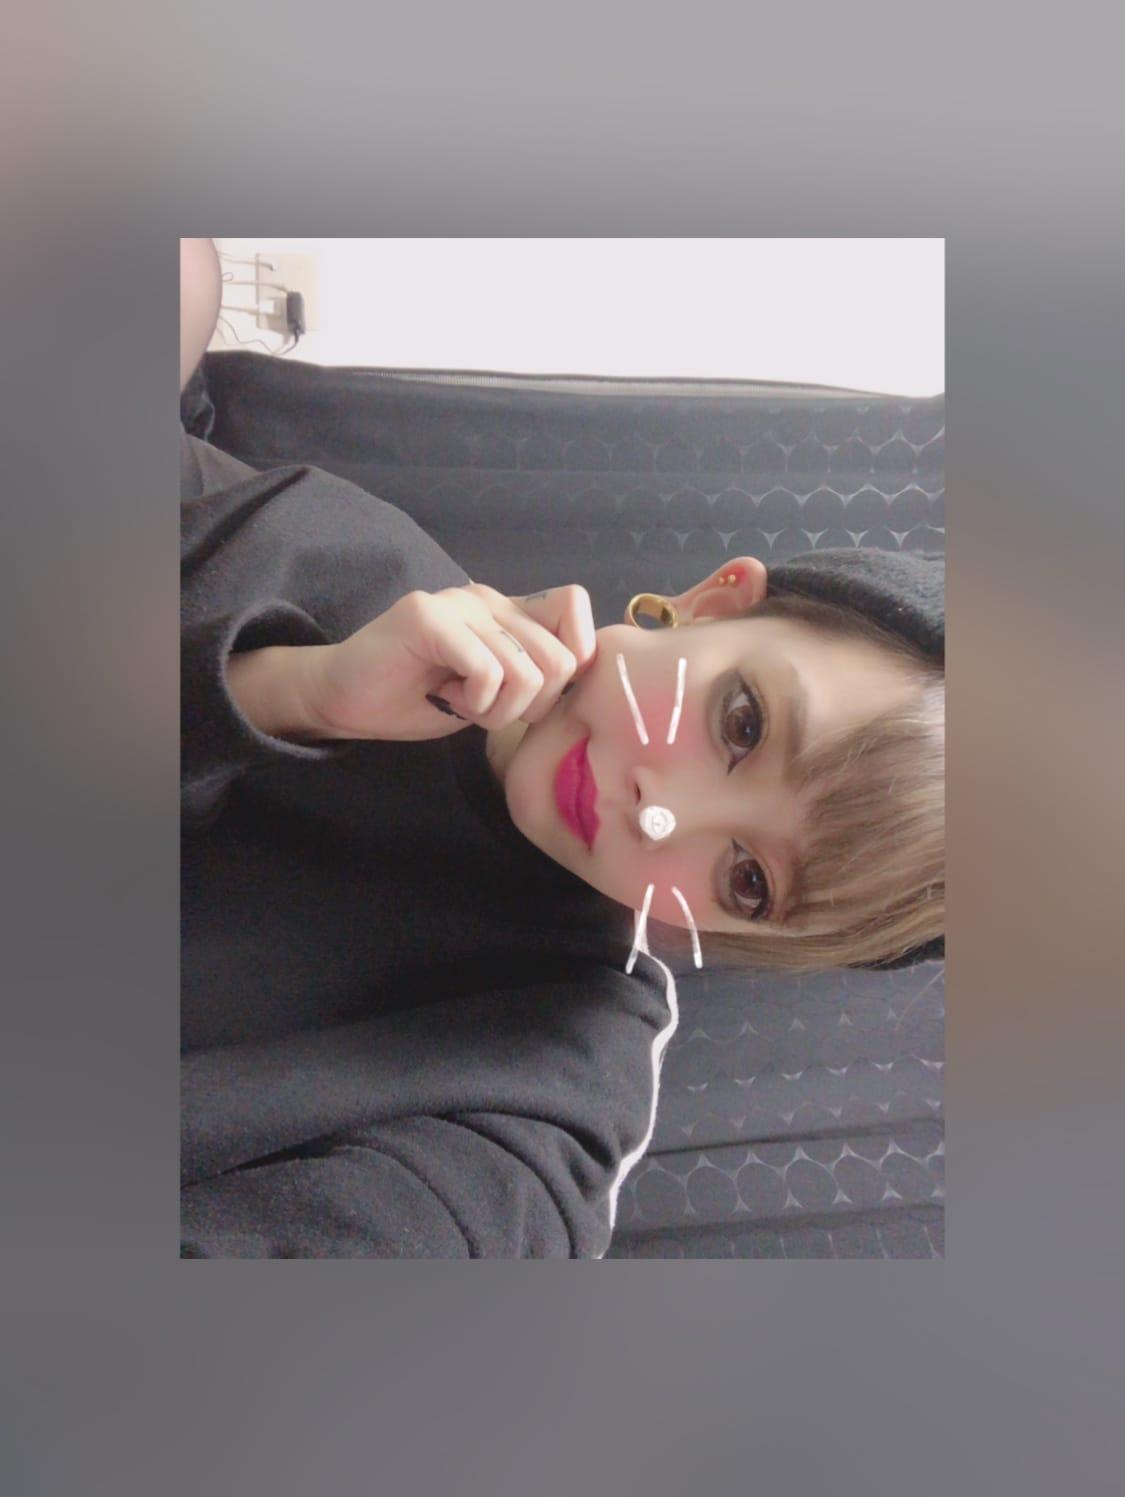 愛/あい「おはようございます♪」12/13(水) 05:31 | 愛/あいの写メ・風俗動画